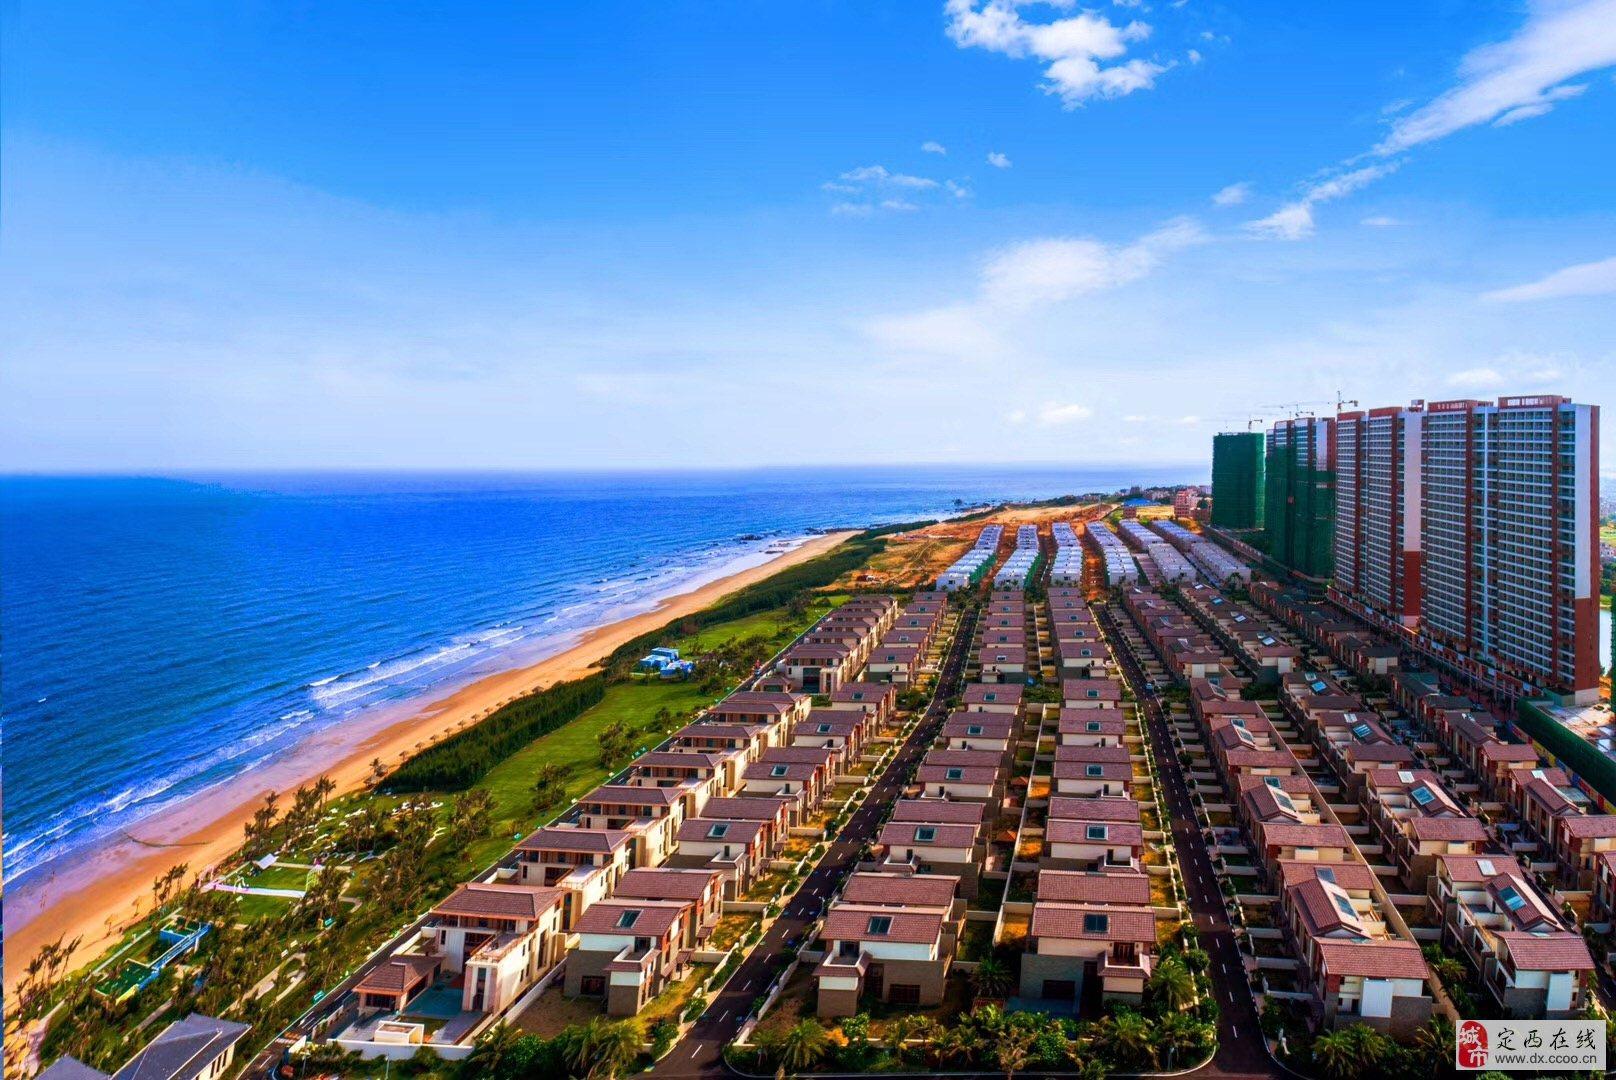 广东湛江鼎龙湾海景房——一线看海国际旅游度假区!